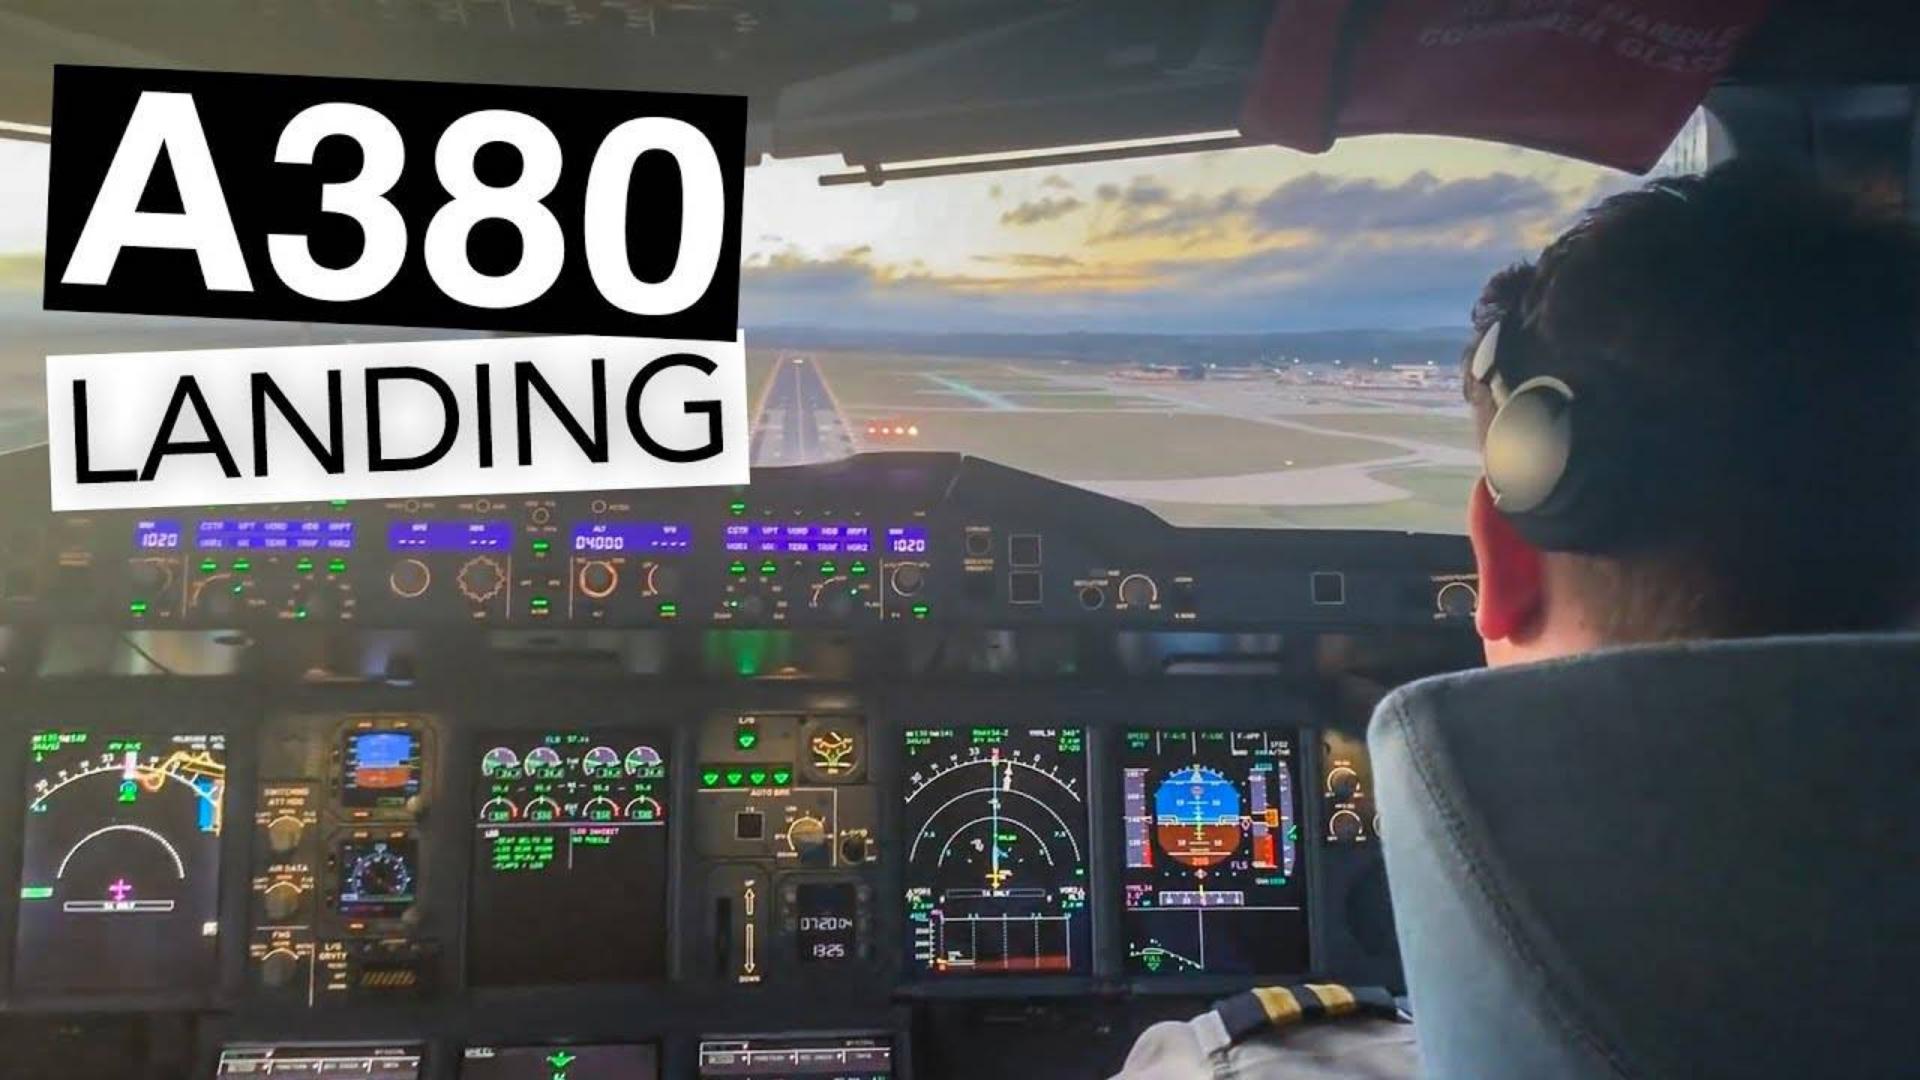 机舱视角看驾驶A380降落